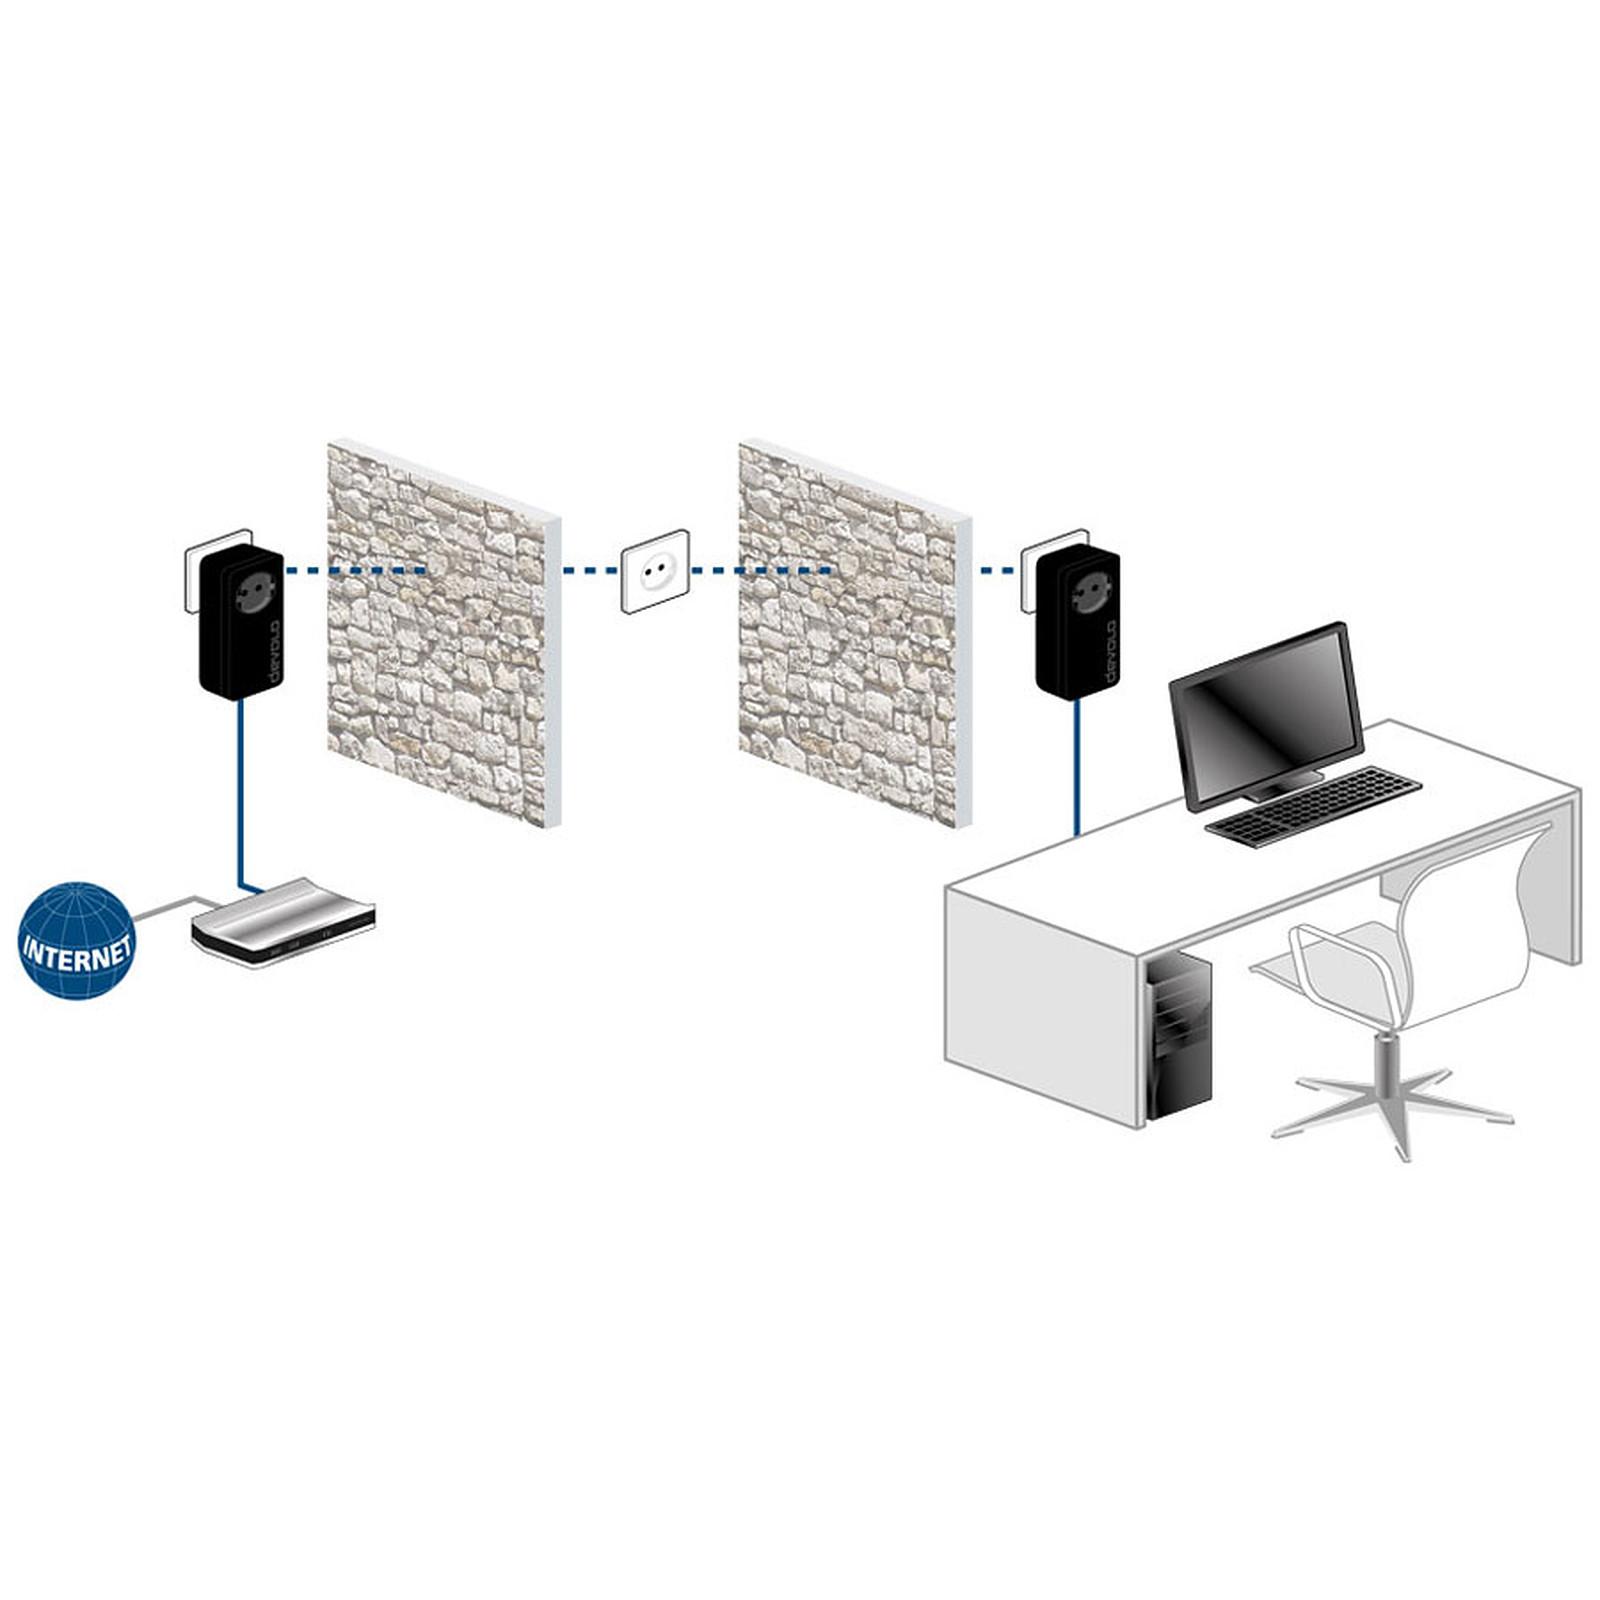 devolo dlan pro 1200 starter kit cpl devolo ag sur. Black Bedroom Furniture Sets. Home Design Ideas